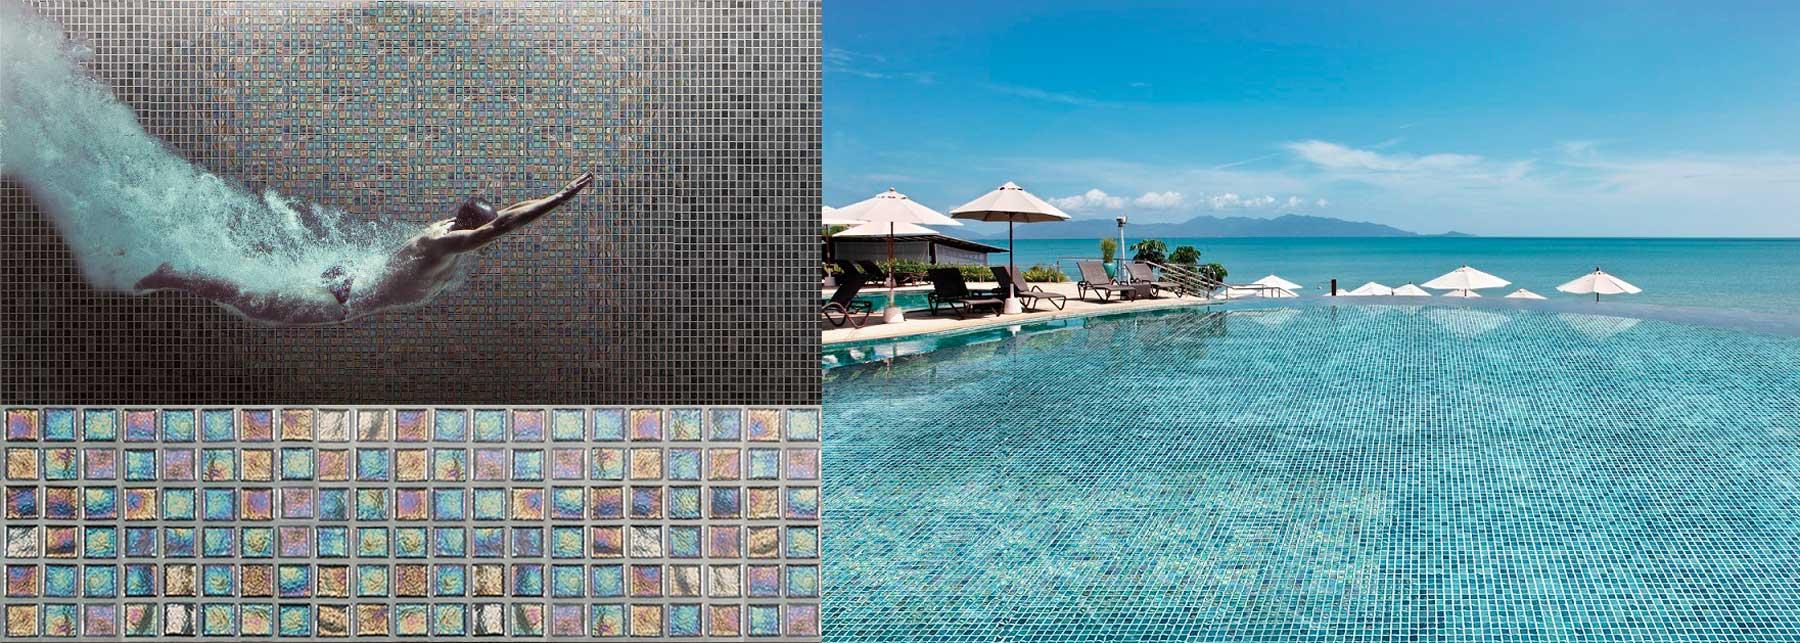 iridis-piscina